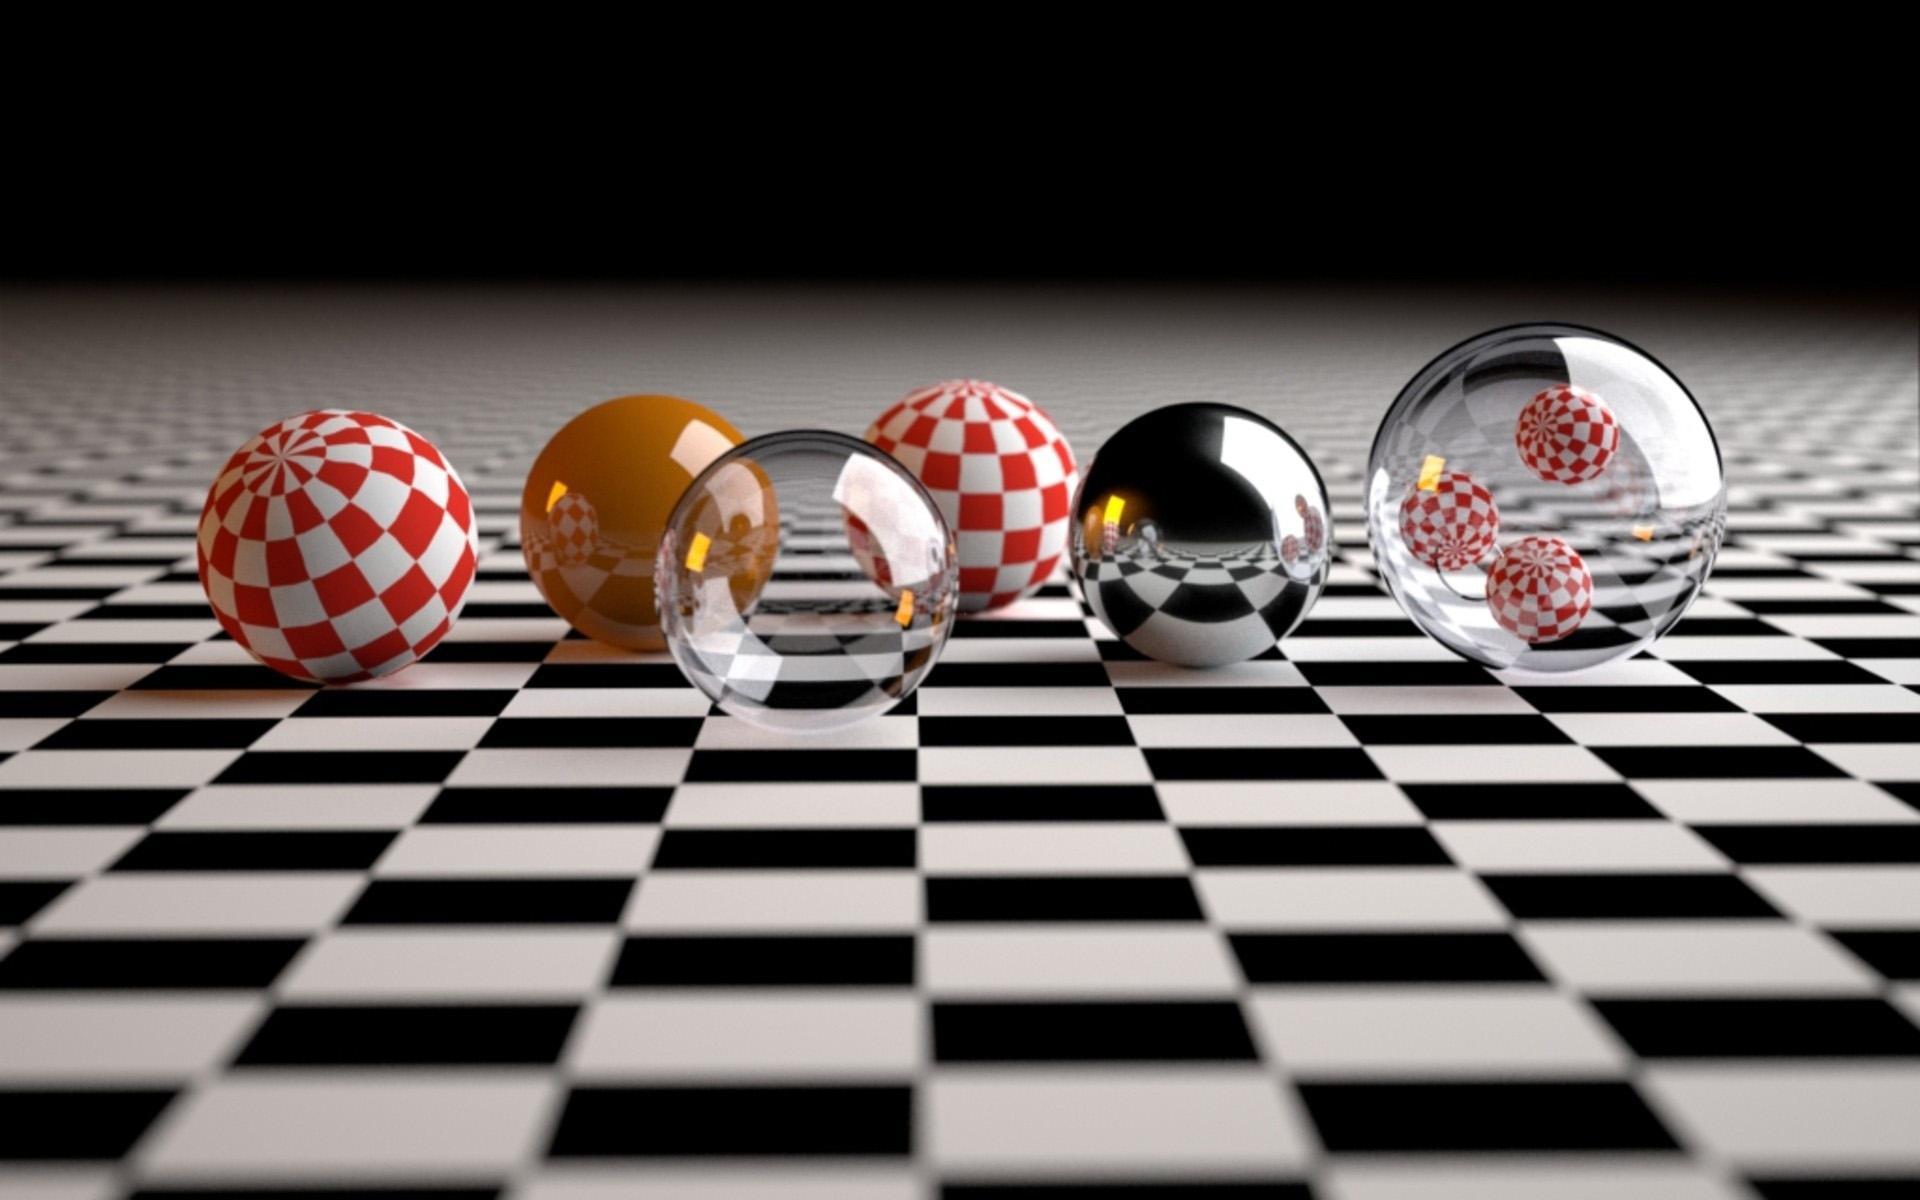 Snoopy Fall Wallpaper Checkerboard Wallpaper Hd Pixelstalk Net